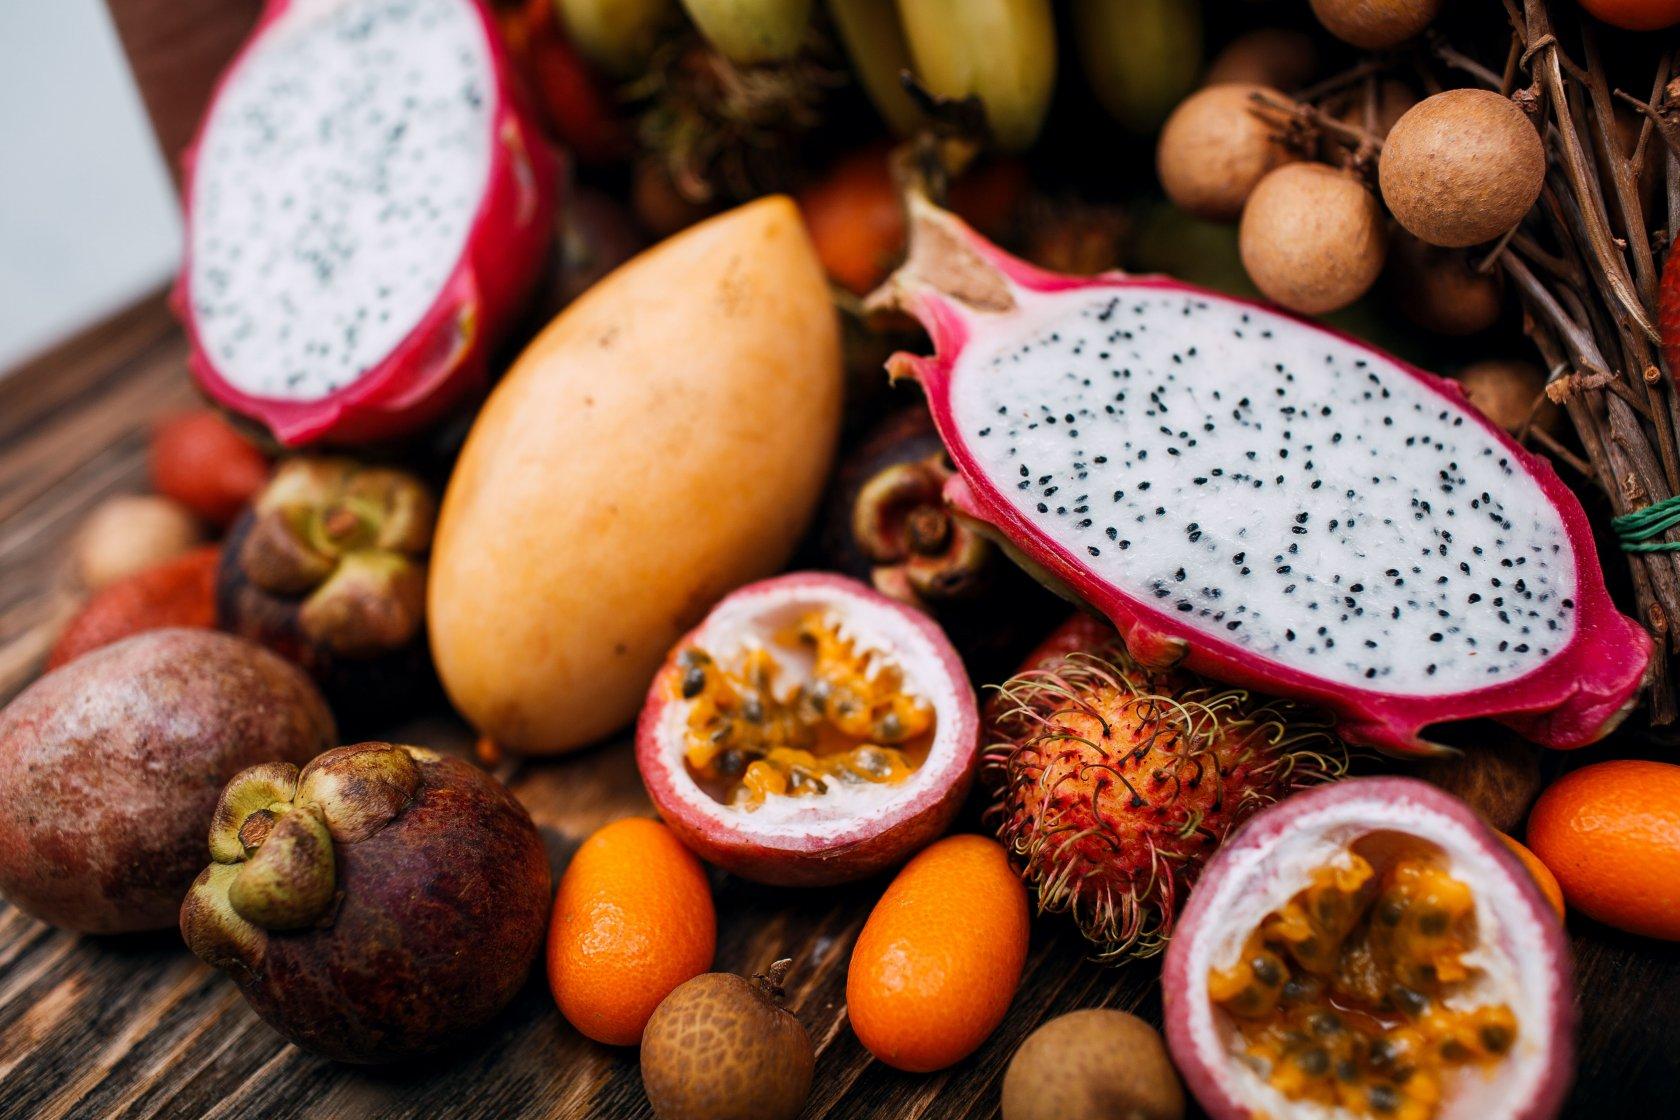 восточные фрукты фото с названиями рождество кругу близких